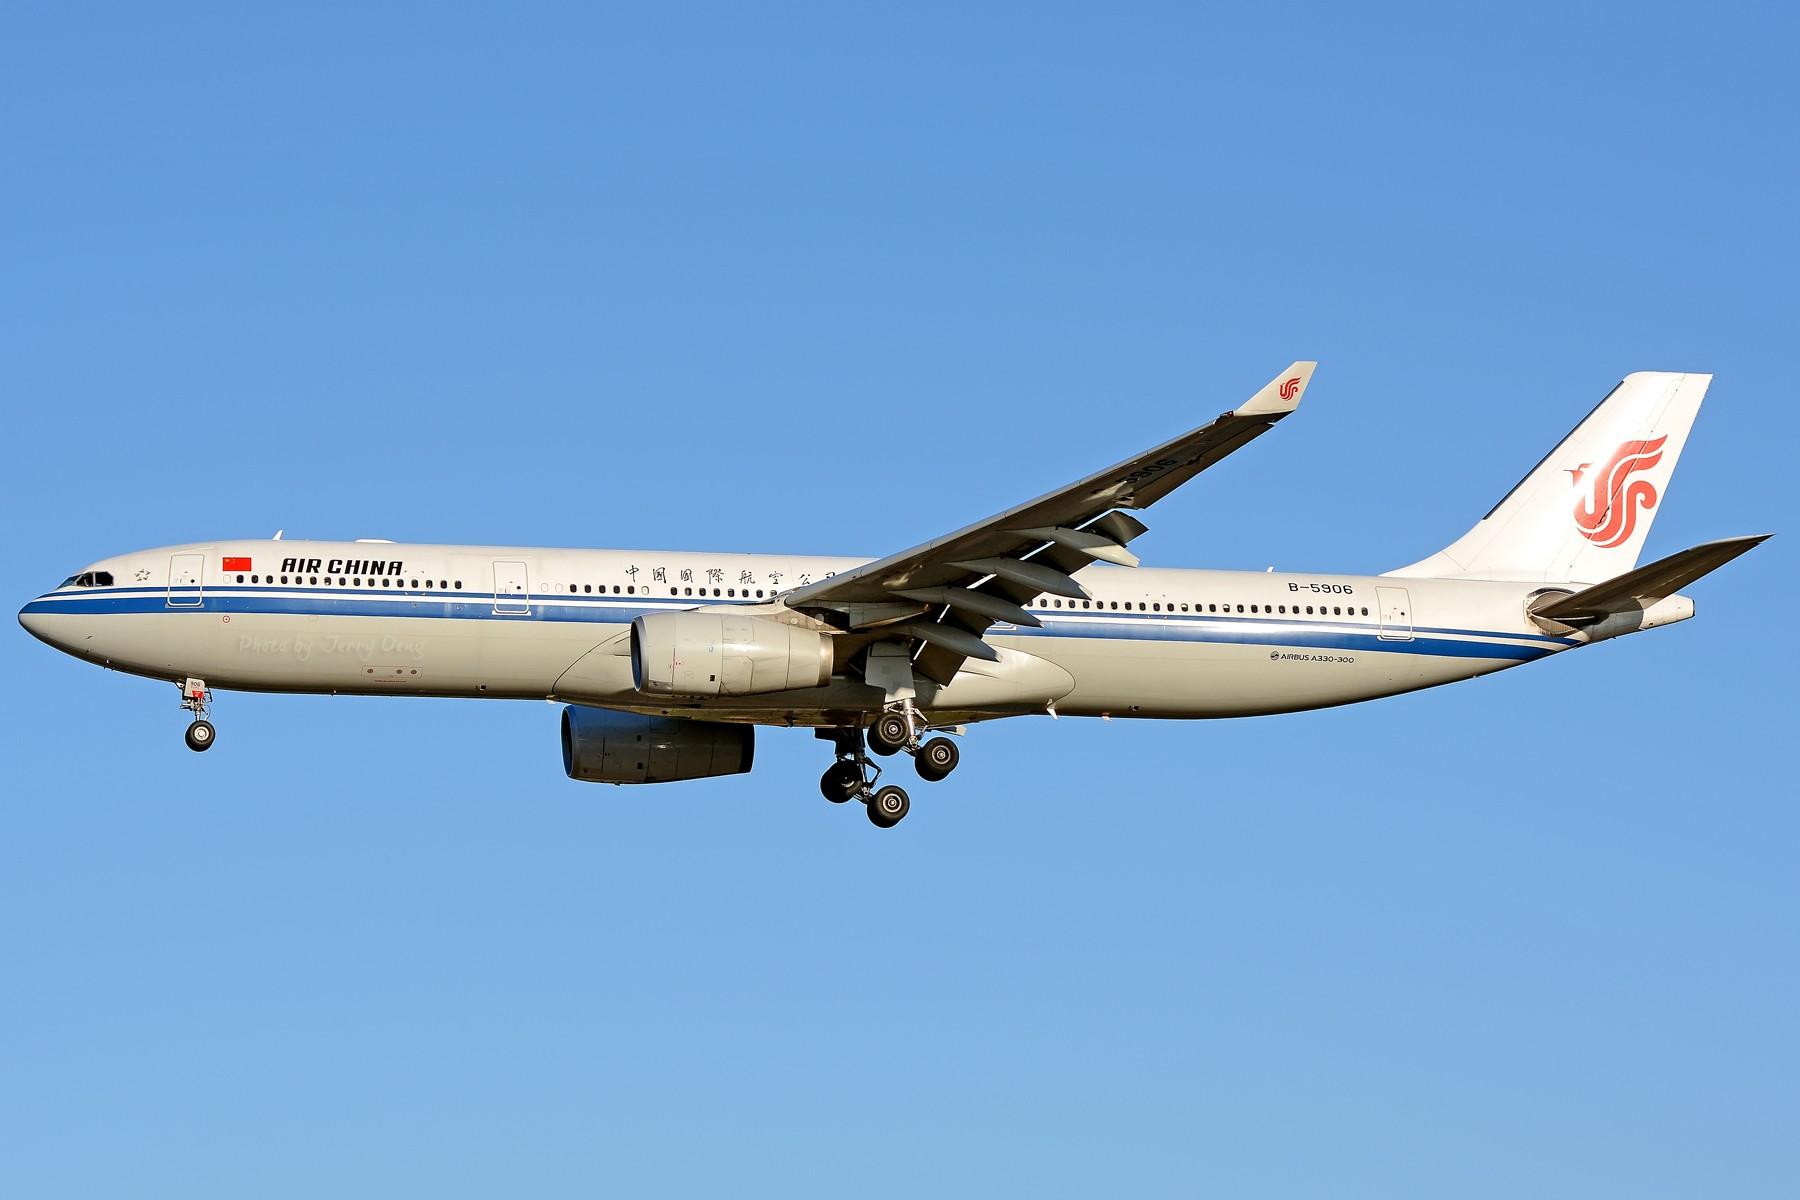 Re:[原创]【多图党】PEK落地一组国航系【2】 AIRBUS A330-300 B-5906 中国北京首都国际机场